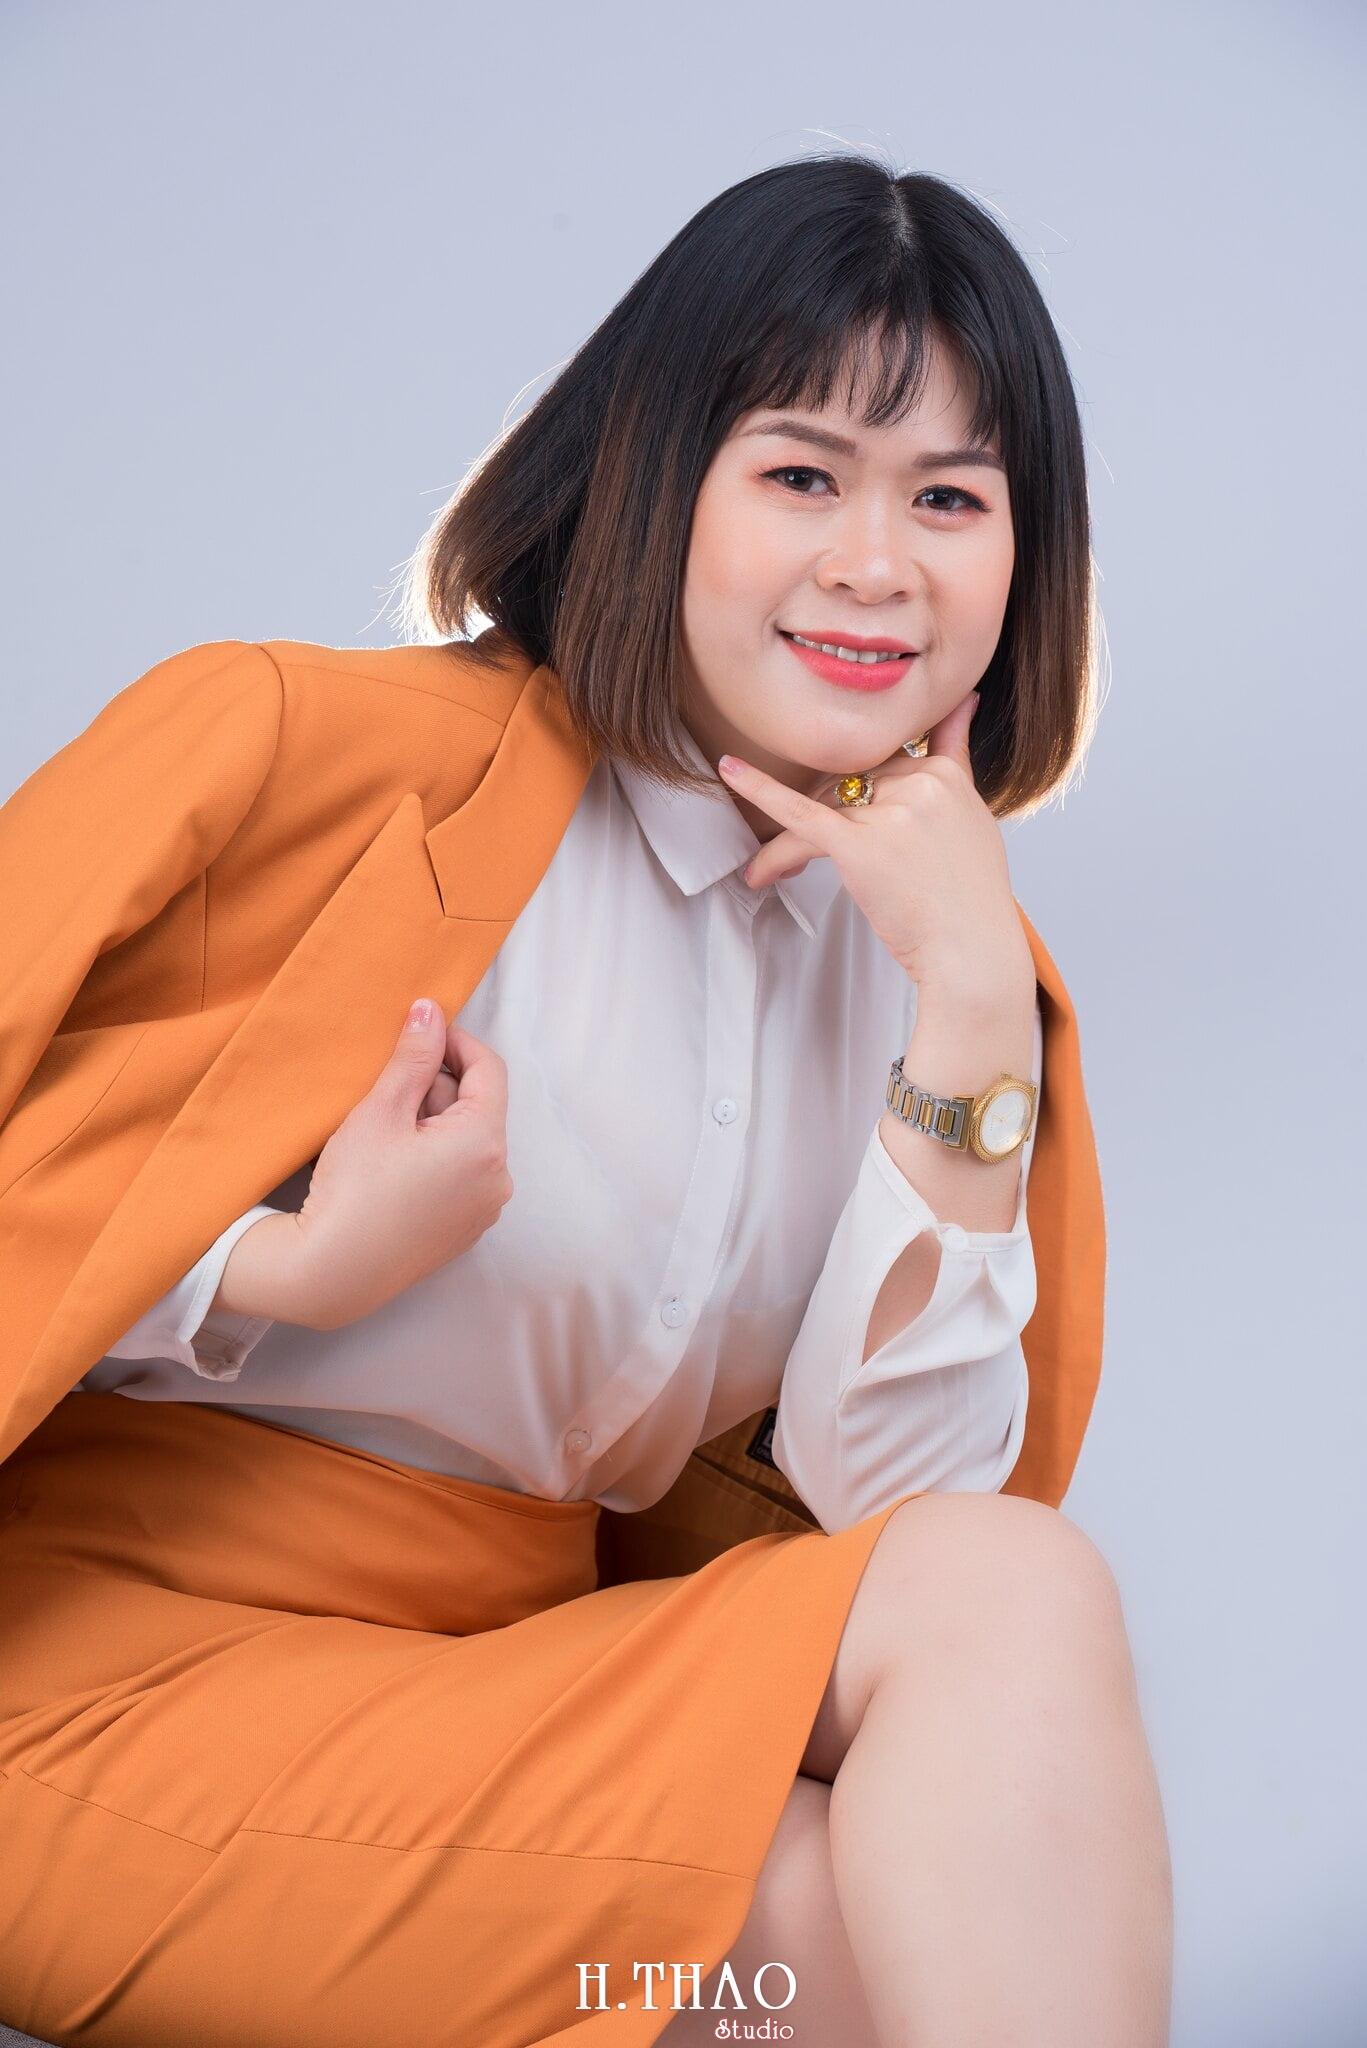 anh doanh nhan 3 min - HThao Studio - Chuyên chụp hình chân dung doanh nhân đẹp ở Tp.HCM